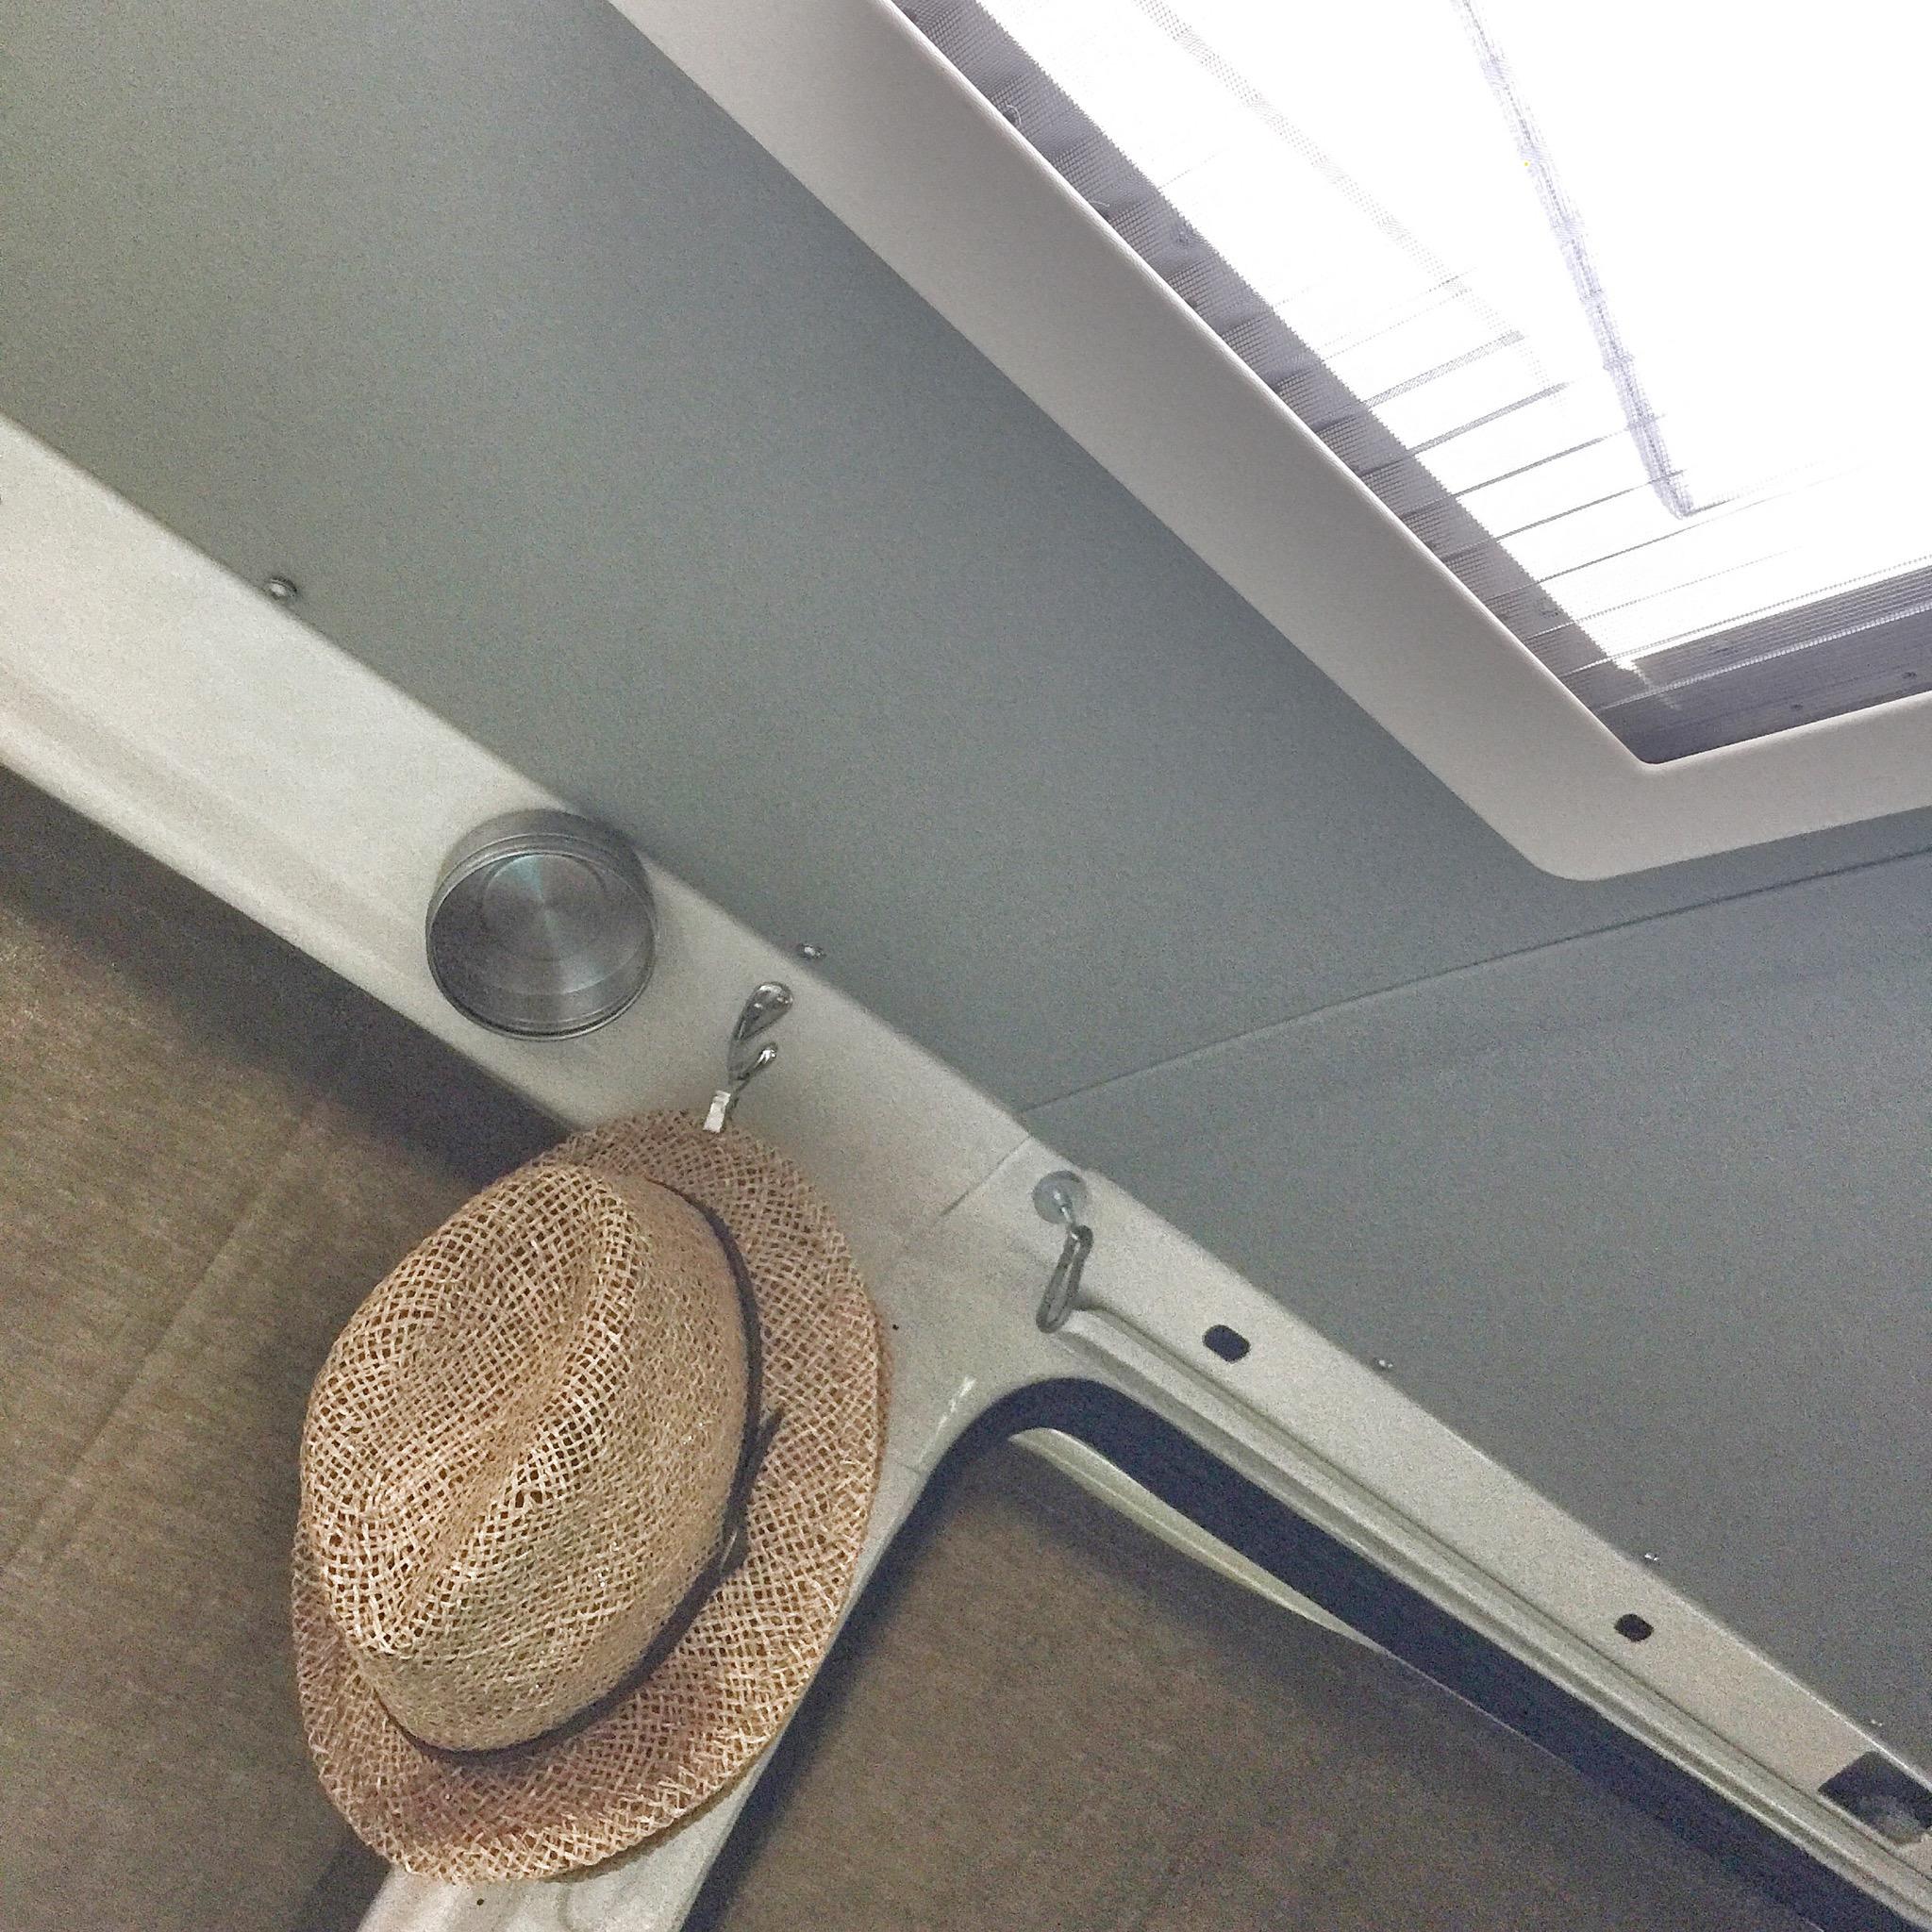 Hier kann man die bisher eingesetzten Vorhänge sehen: Sie sitzen, mit eingenähten Magneten, passgenau vor den Fenstern und können tagsüber einfach komplett abgenommen und im Schrank verstaut werden